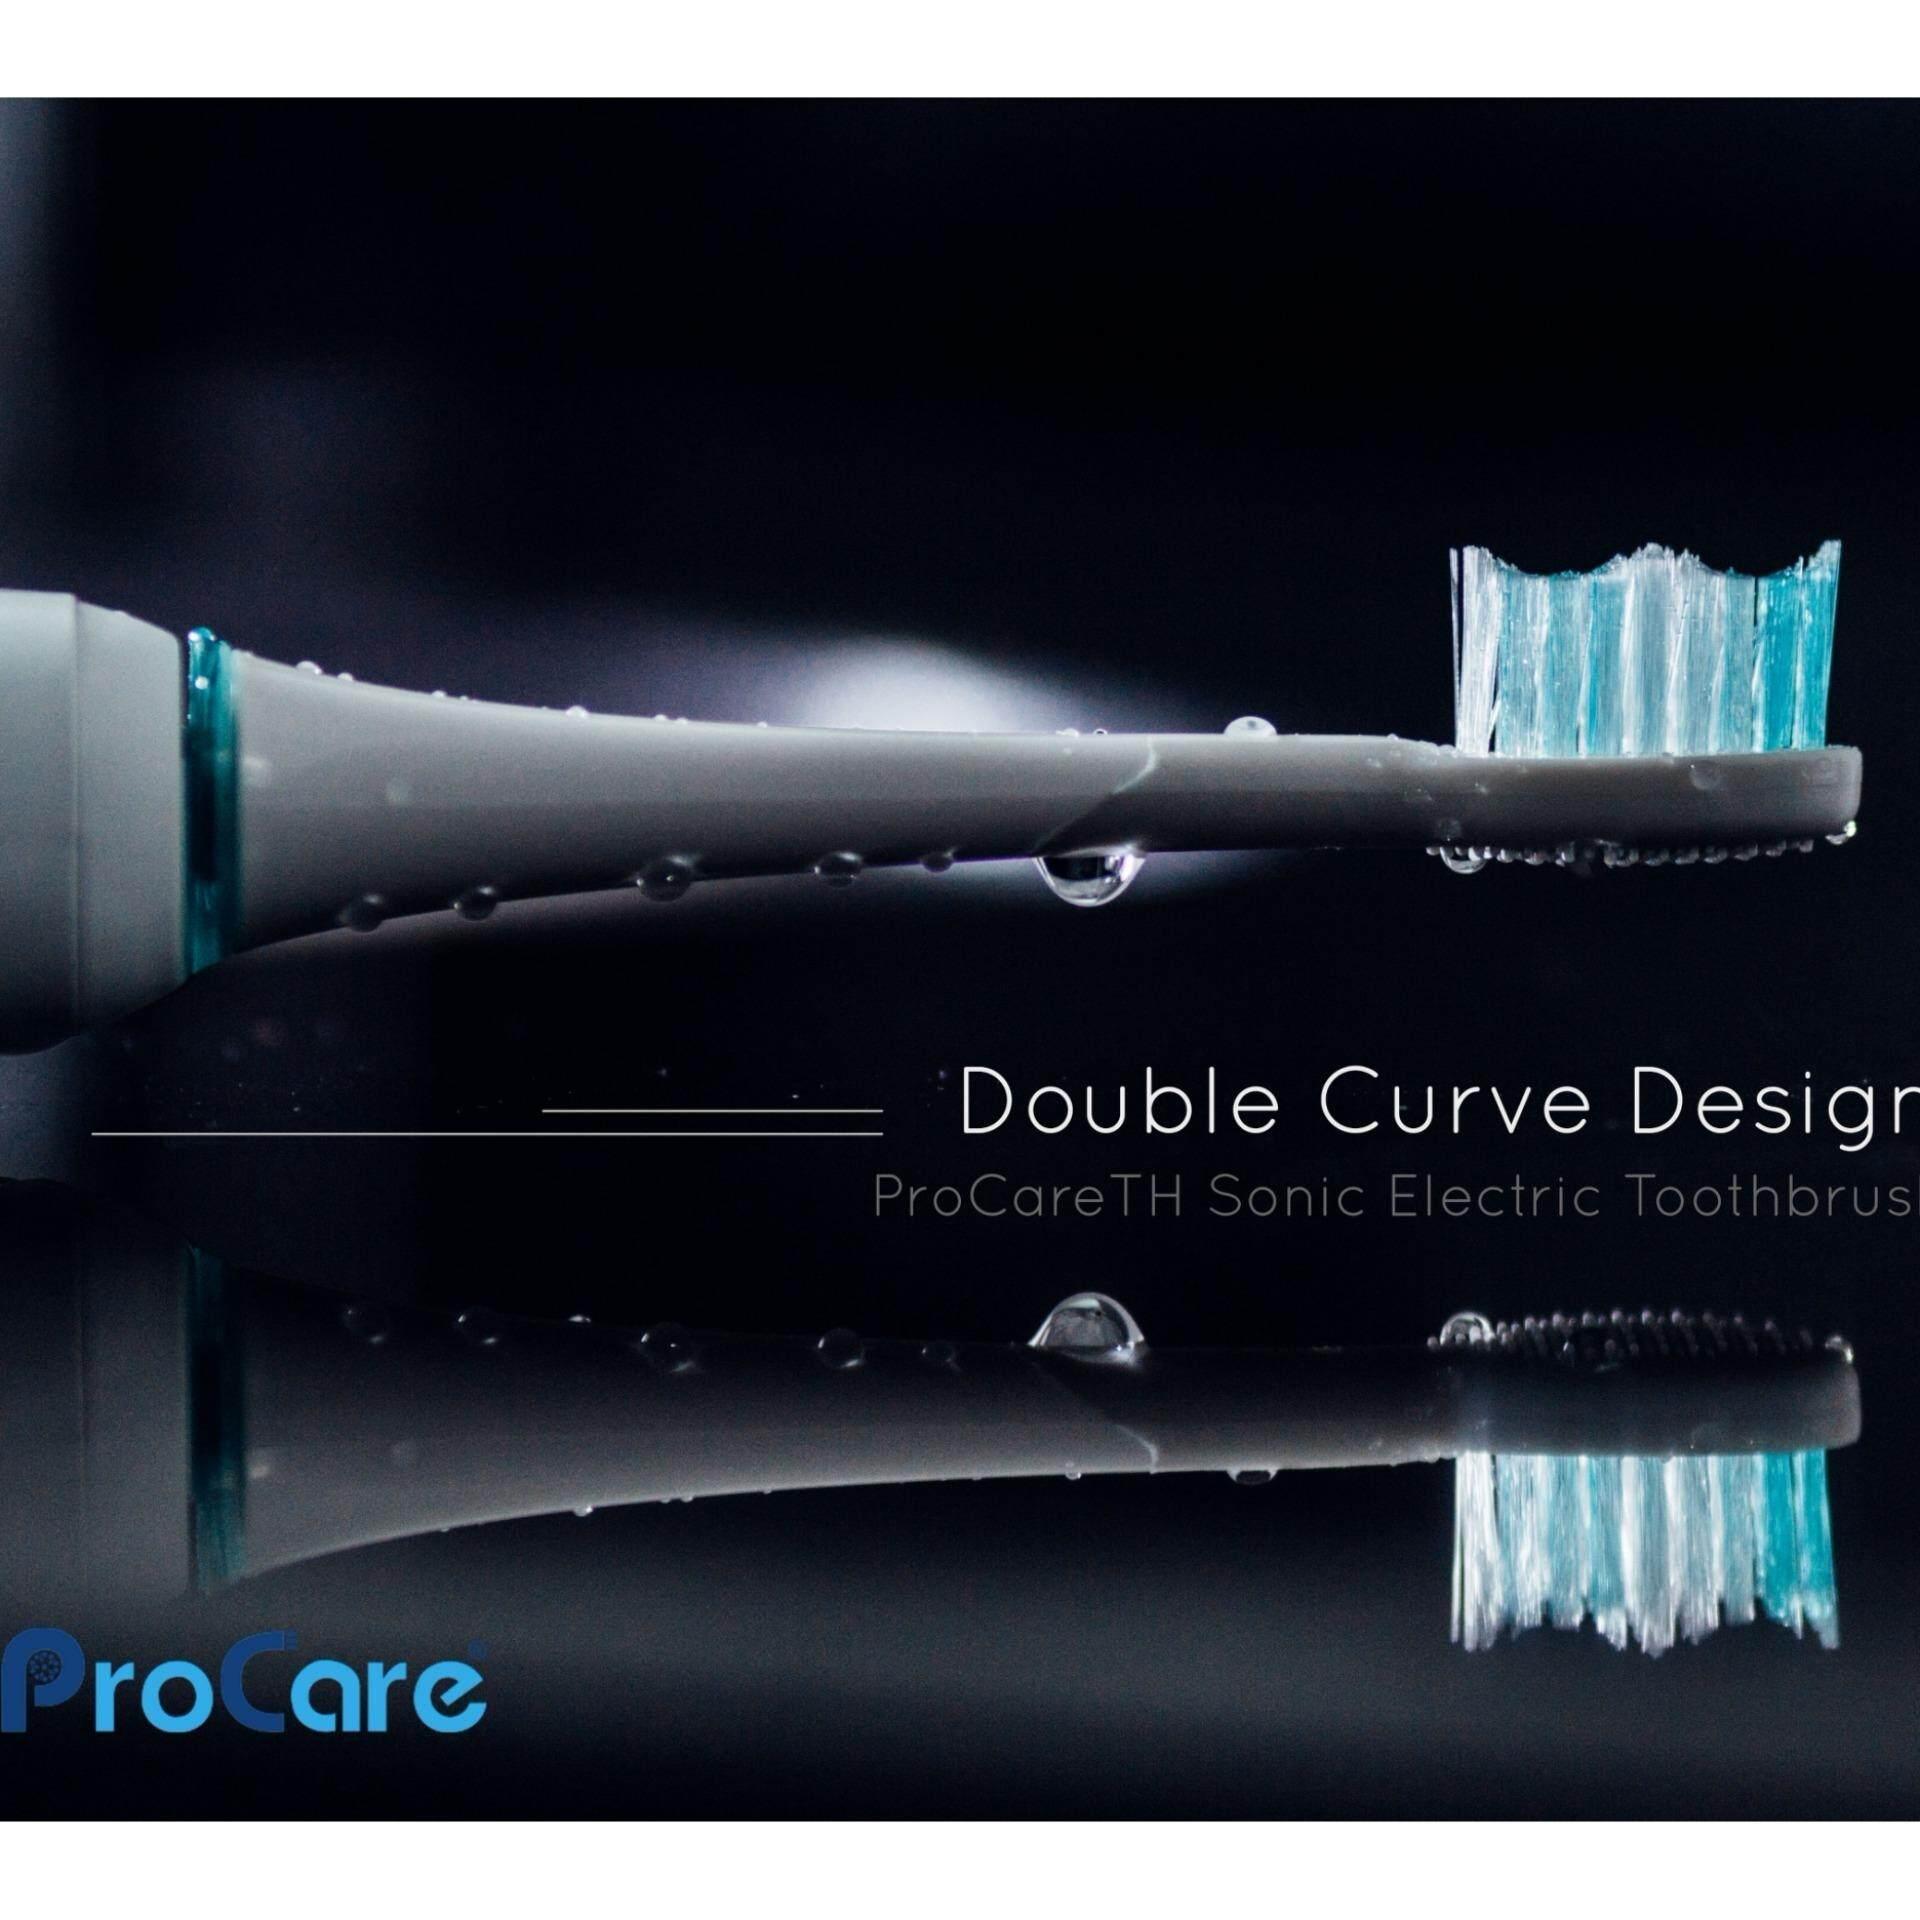 กระเป๋าถือ นักเรียน ผู้หญิง วัยรุ่น อุดรธานี แปรงสีฟันไฟฟ้า Soniccare ProCare Sonic Electric Toothbrush 1 เครื่อง พร้อมหัวแปรง 1อัน